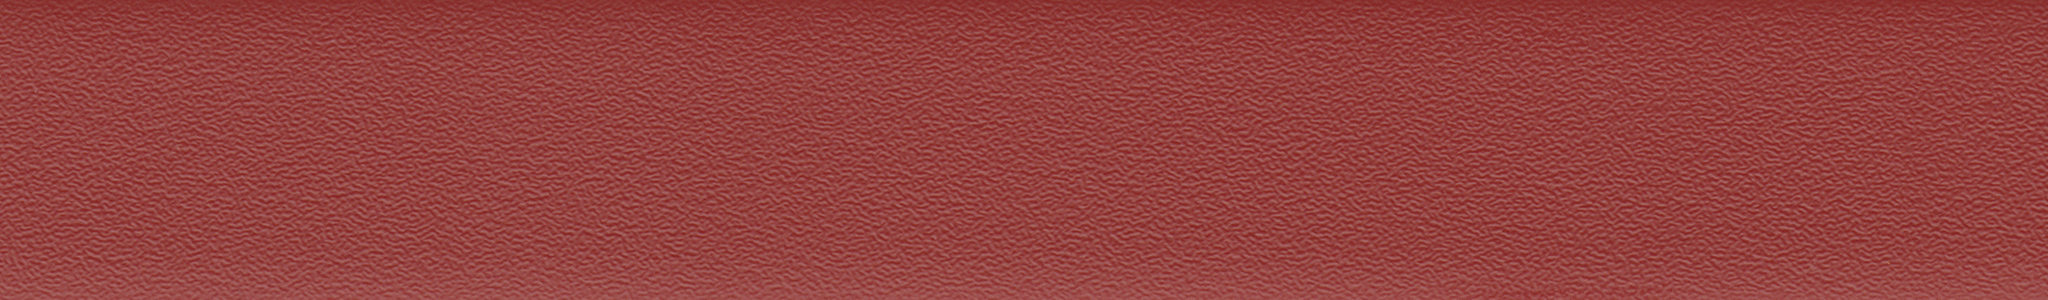 HU 132656 Chant ABS Rouge Foncé Perle 101